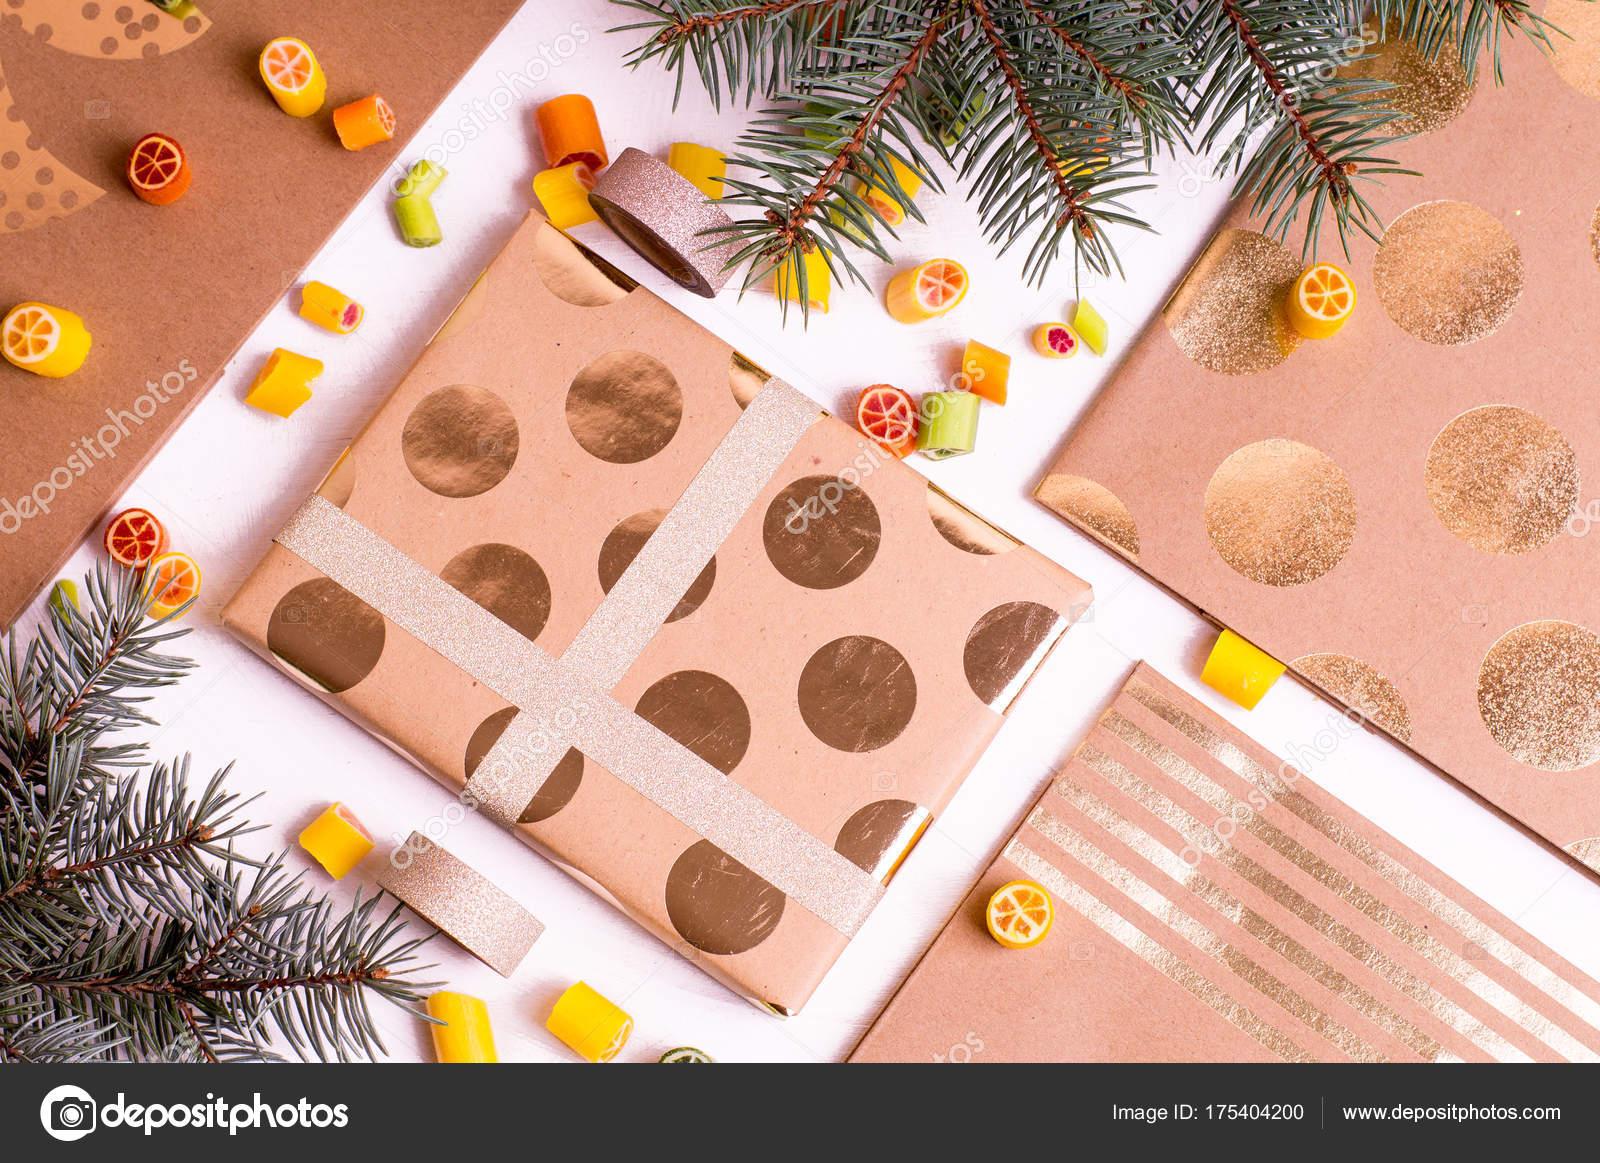 Weihnachtsgeschenke Für Freunde.Geschenke Für Freunde Und Verwandte Stockfoto Jlip 175404200